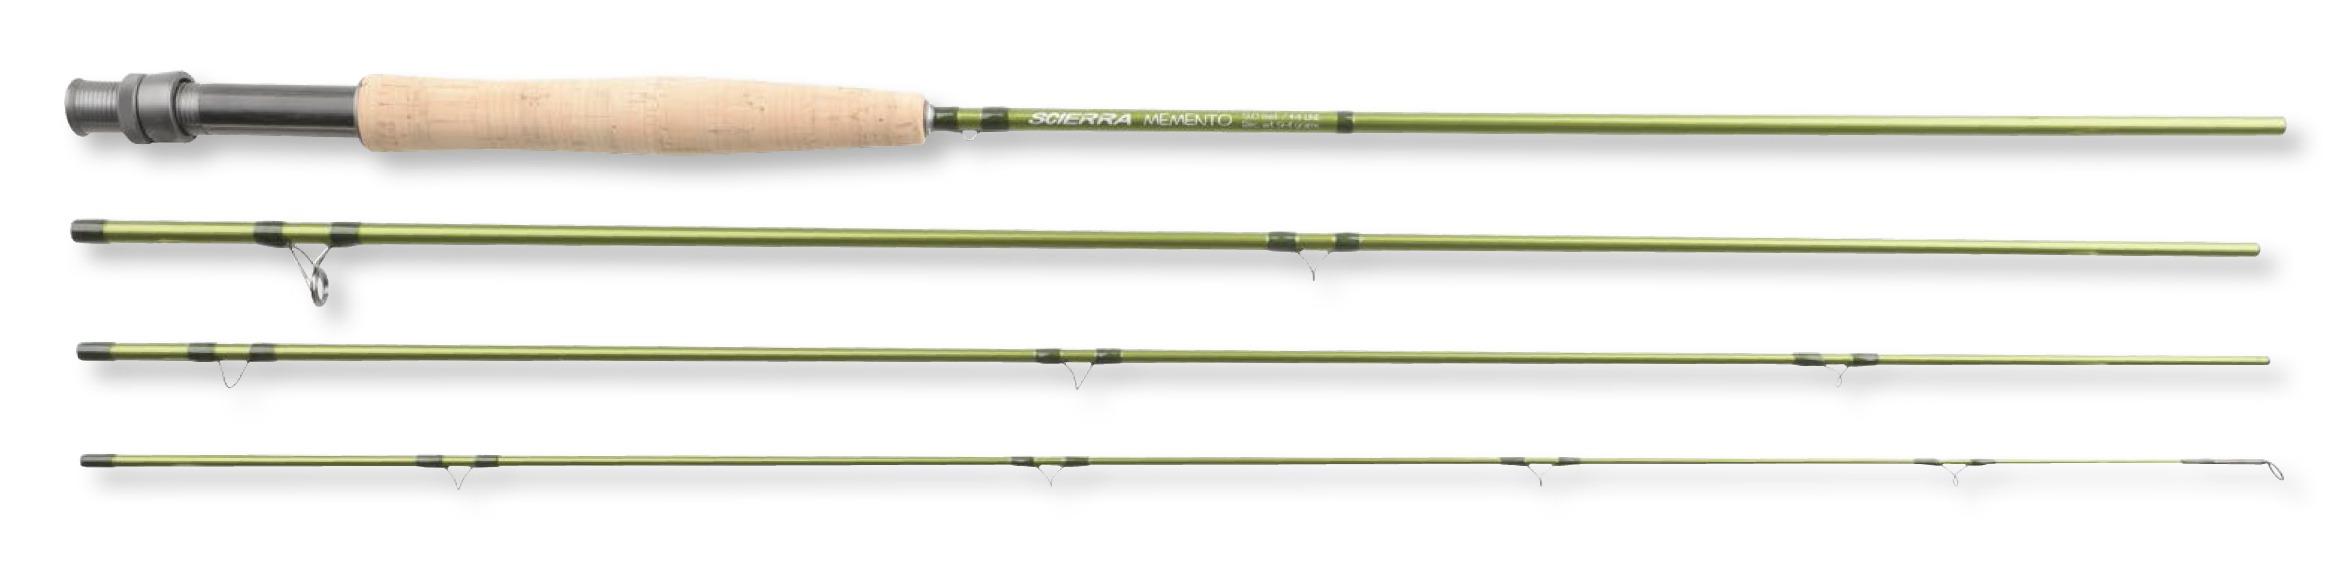 Scierra MEMENTO Fly Fishing Rod